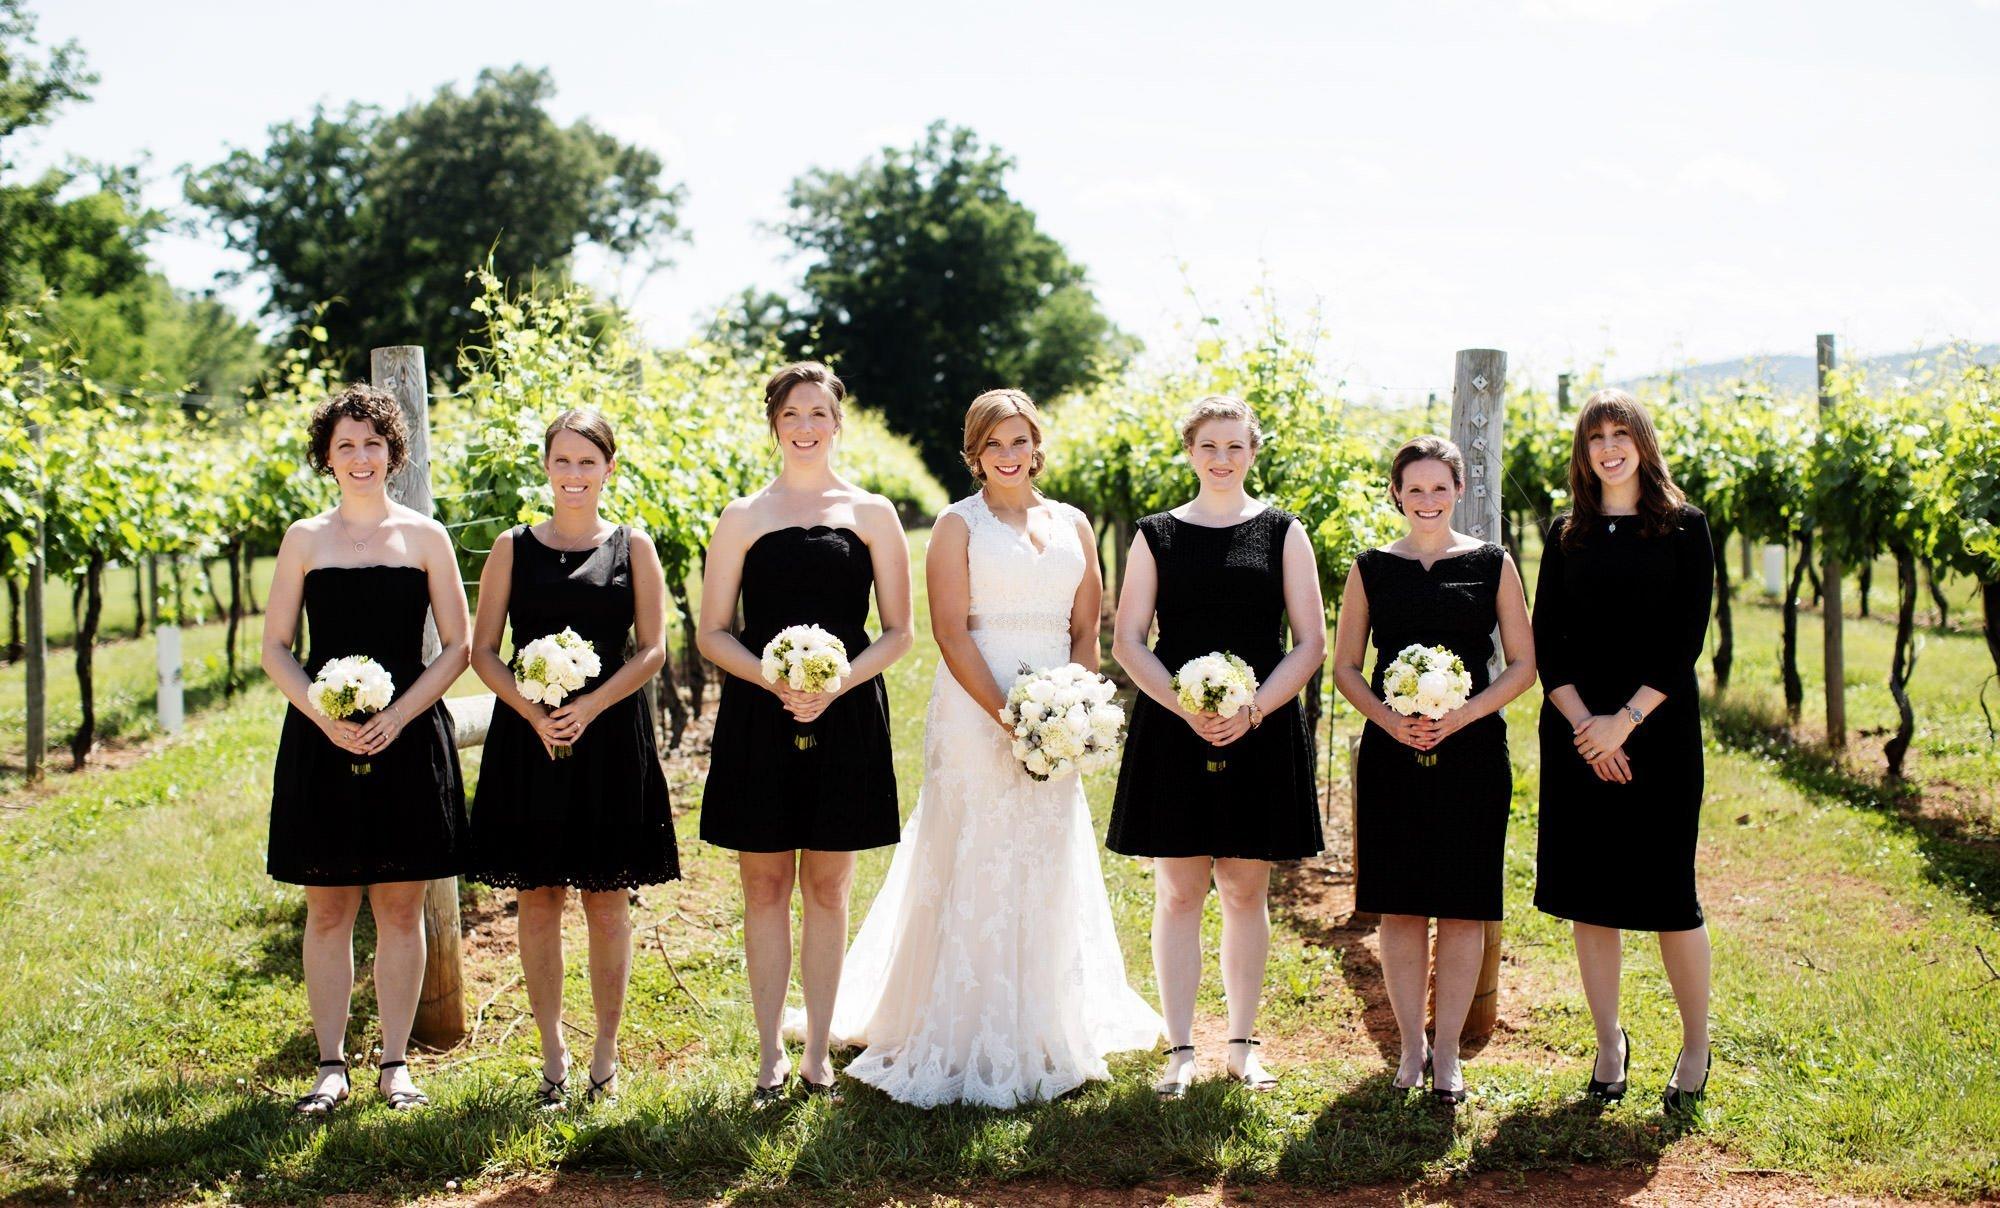 The bridal party at Keswick Vineyards.